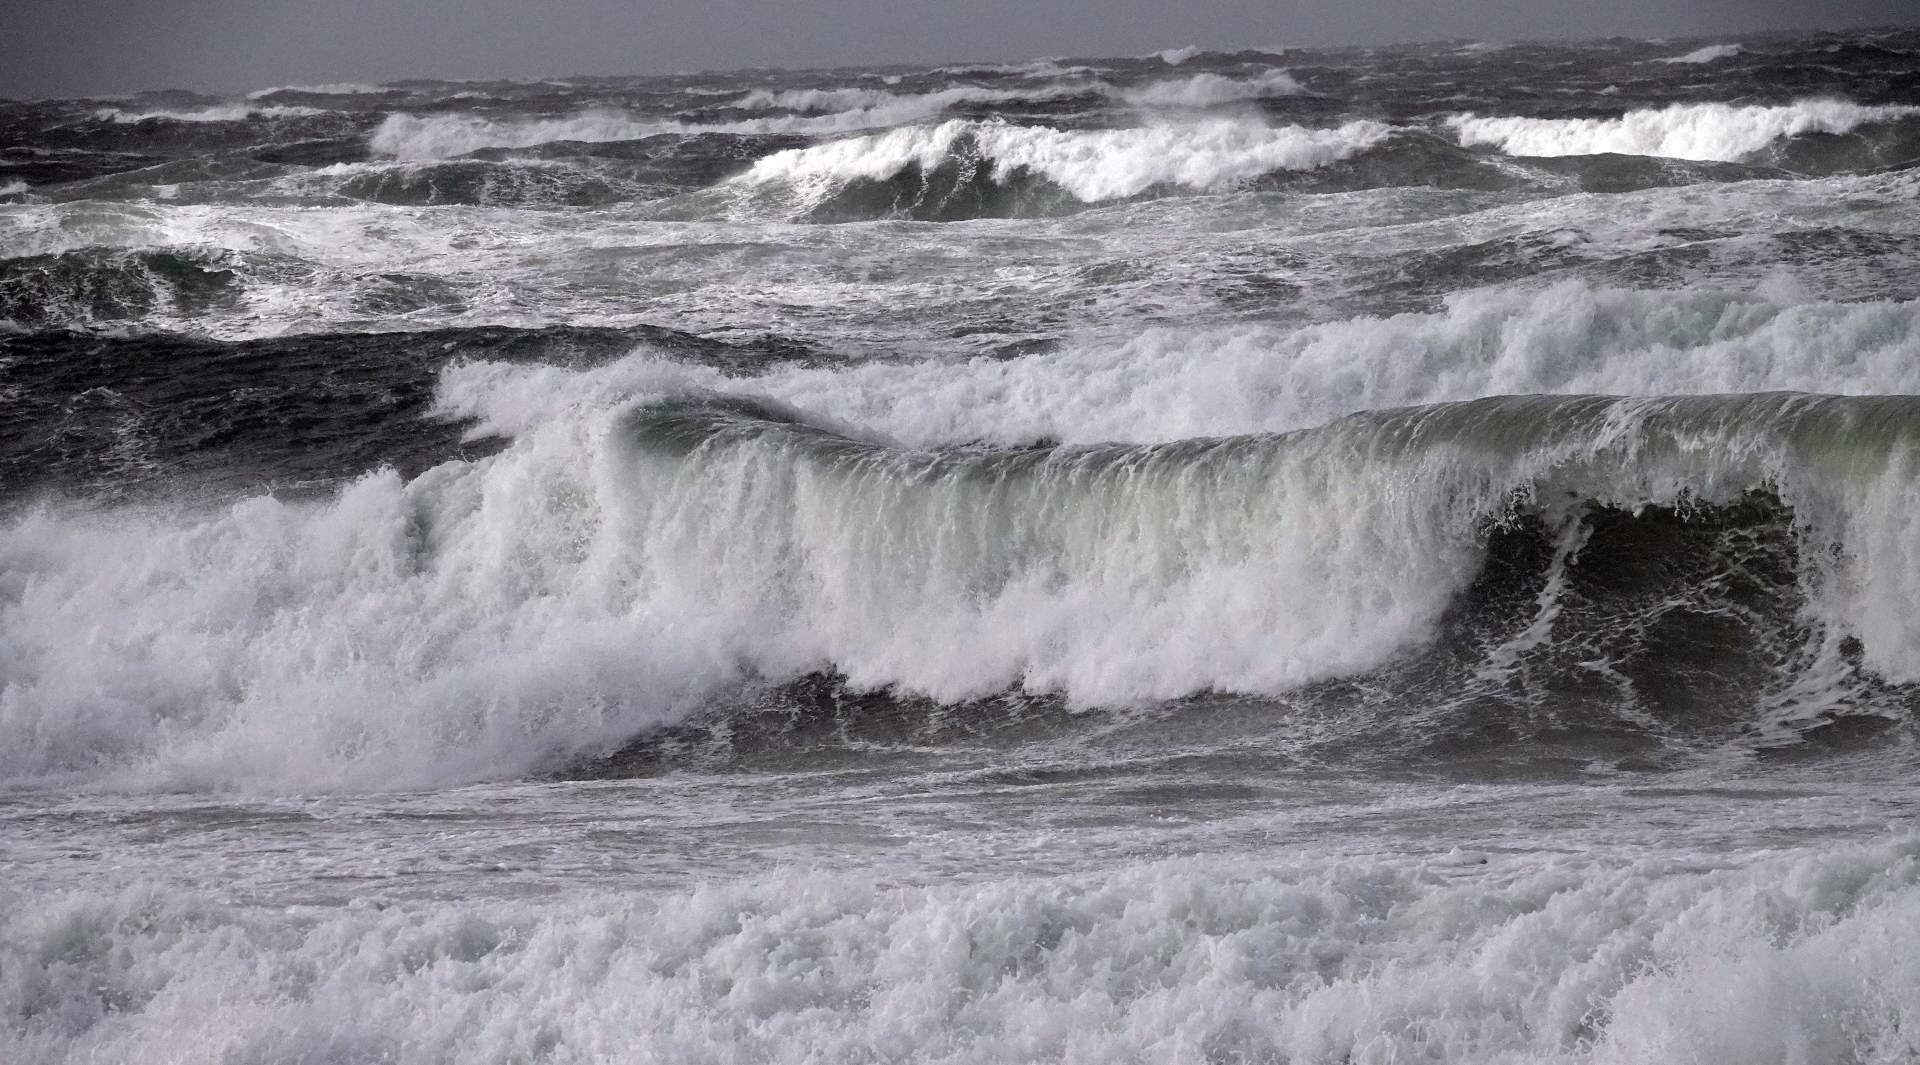 Ein Sturm oder Orkan auf Sylt ist auch immer ein faszinierendes Naturschauspiel